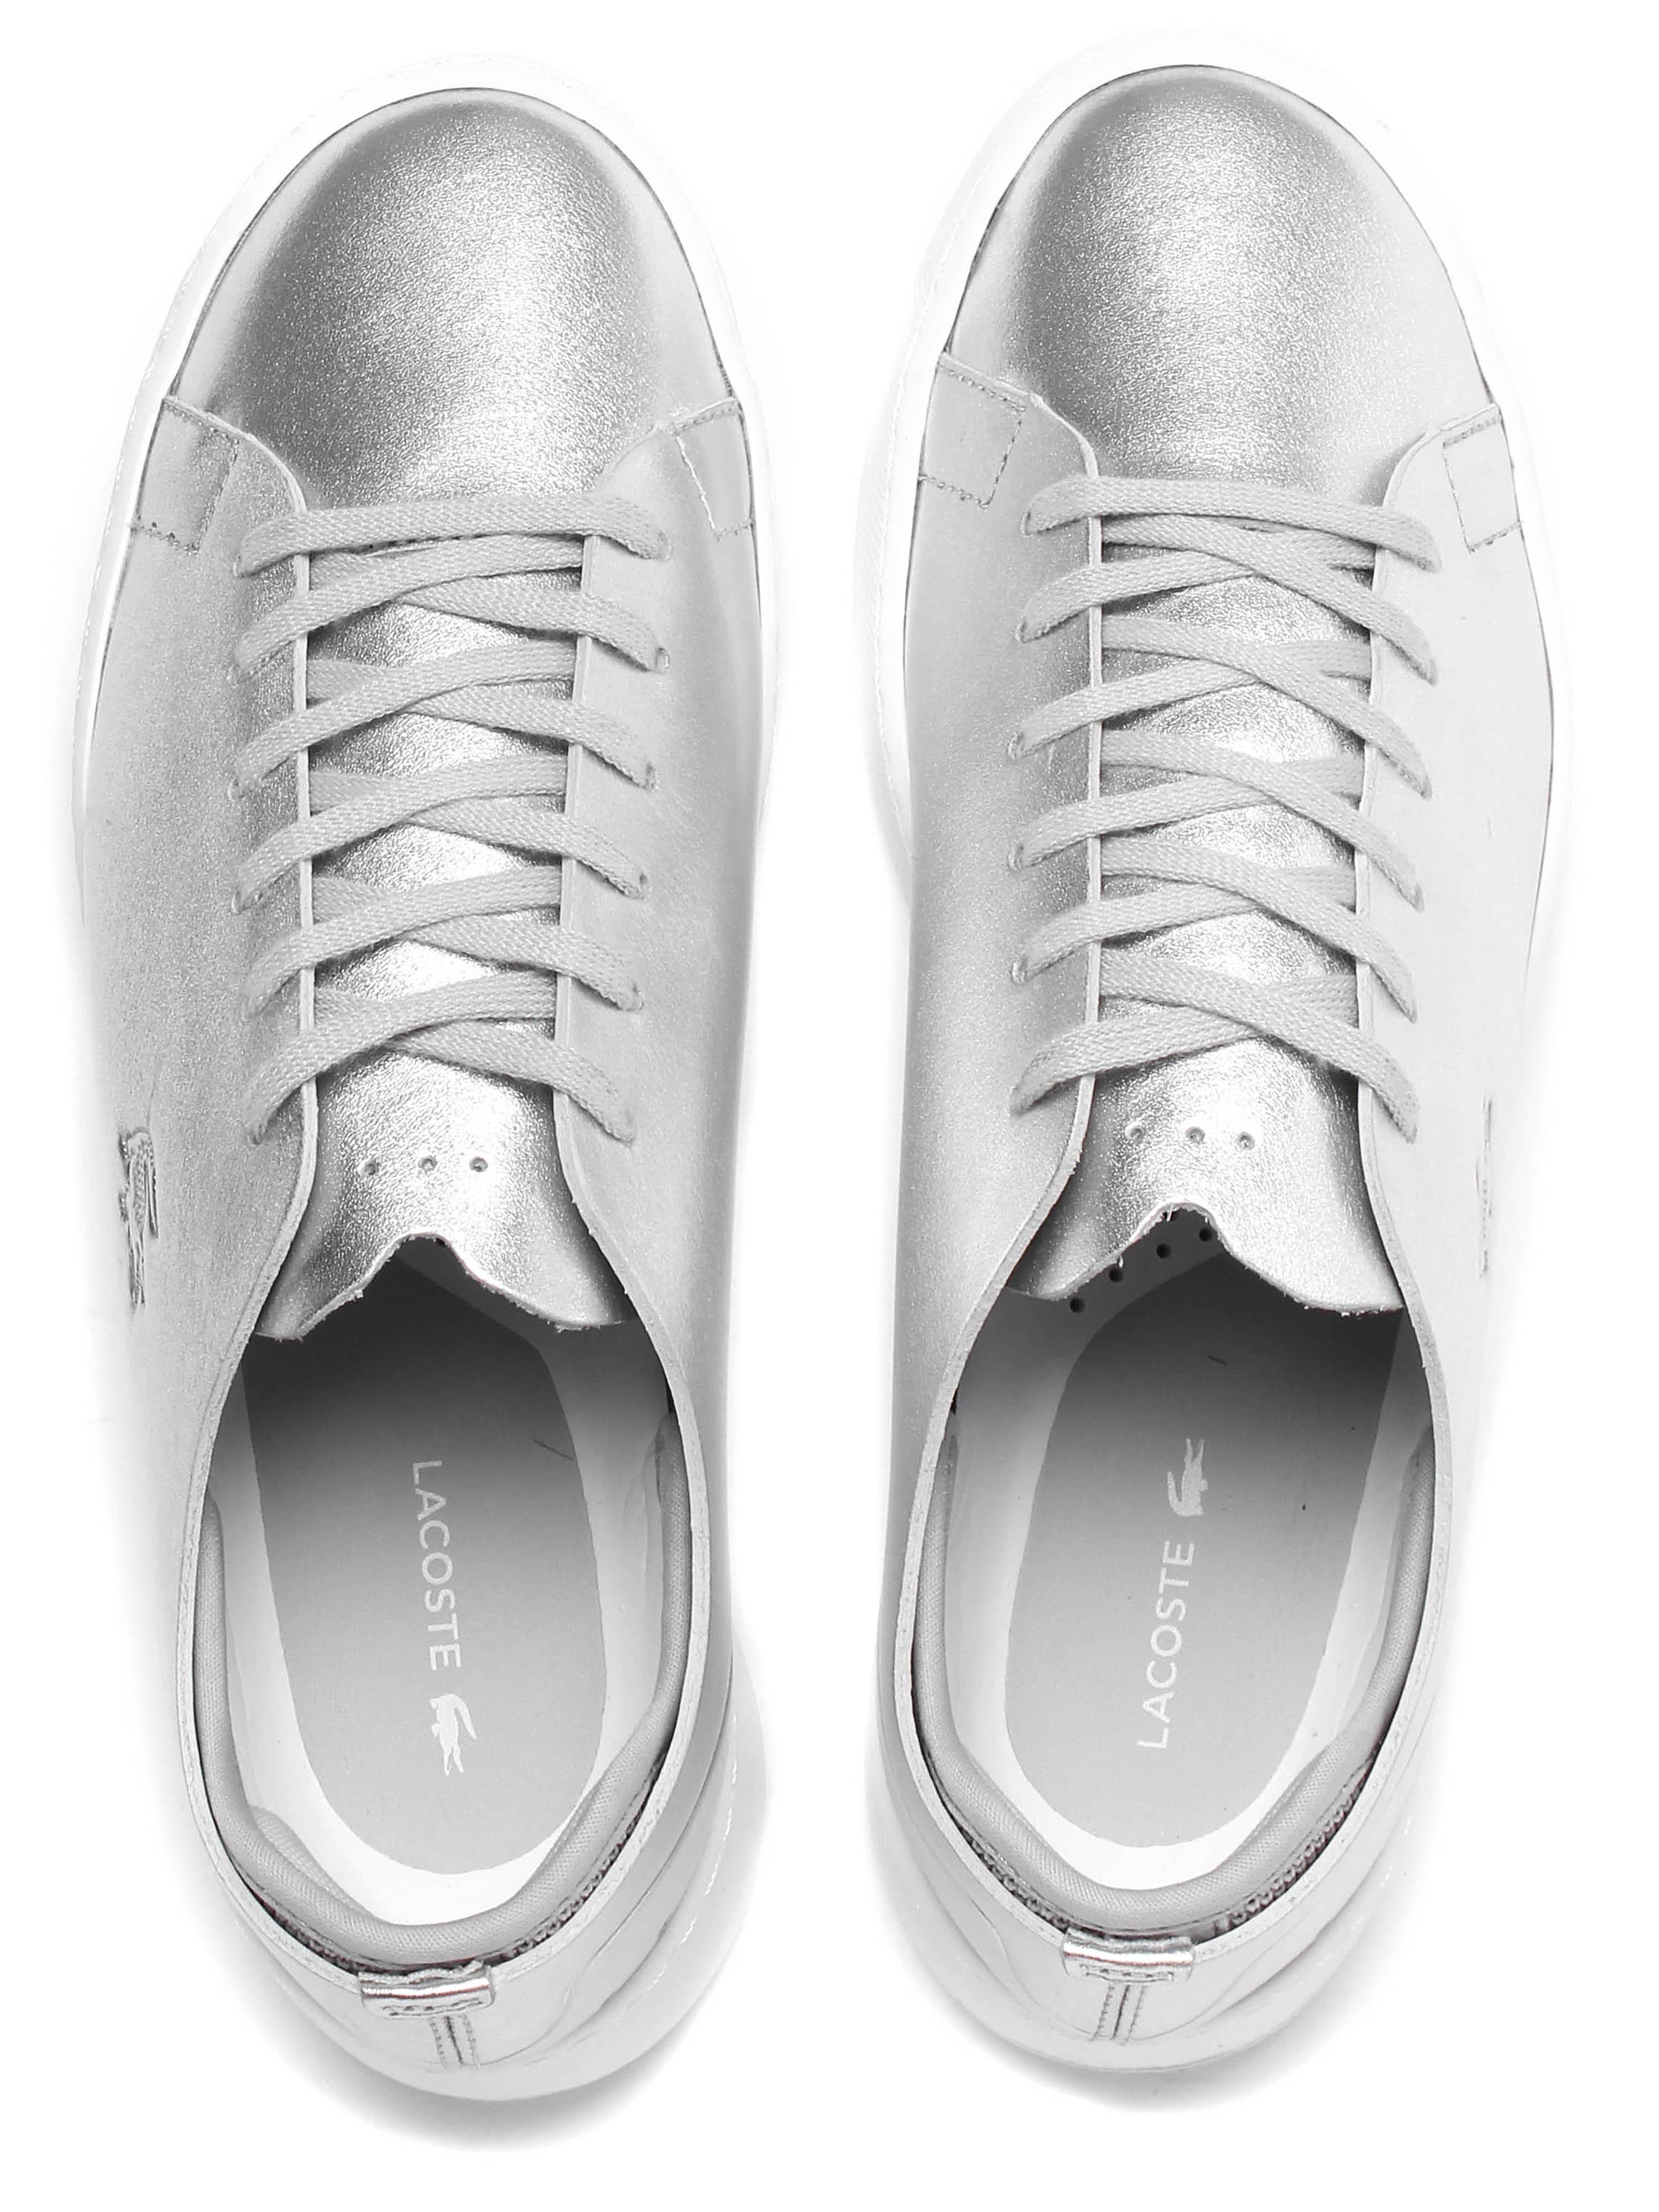 Lacoste Women's Eyyla 317 Trainers - Silver Leather